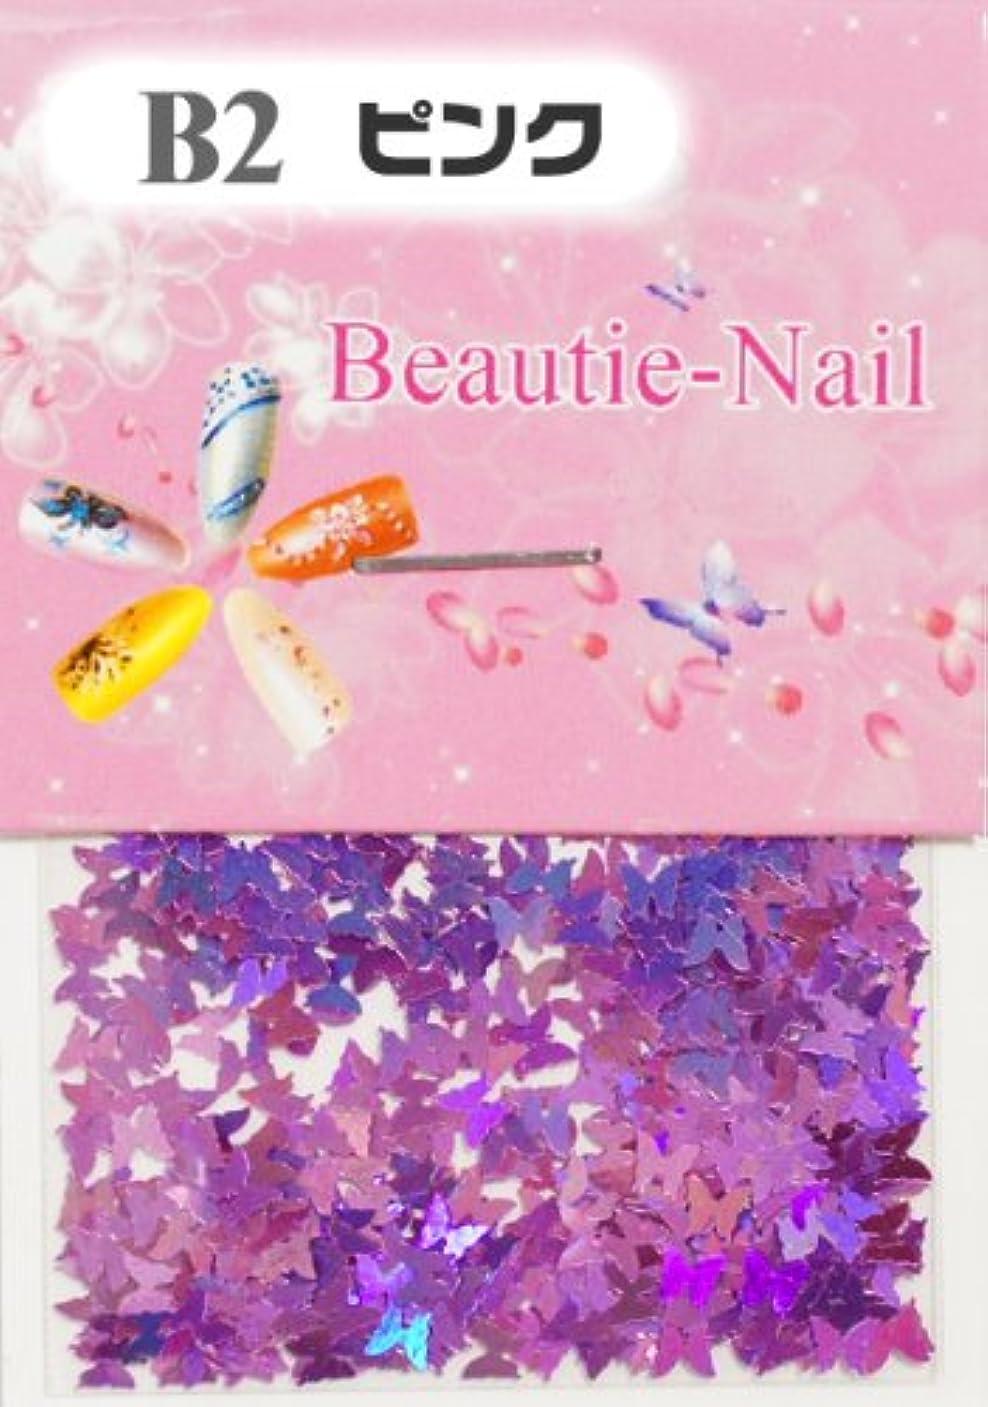 能力ビーズ病気の薄型バタフライのホログラム オーロラカラー蝶 ジェルネイルパーツ レジンパーツ B2 ピンク